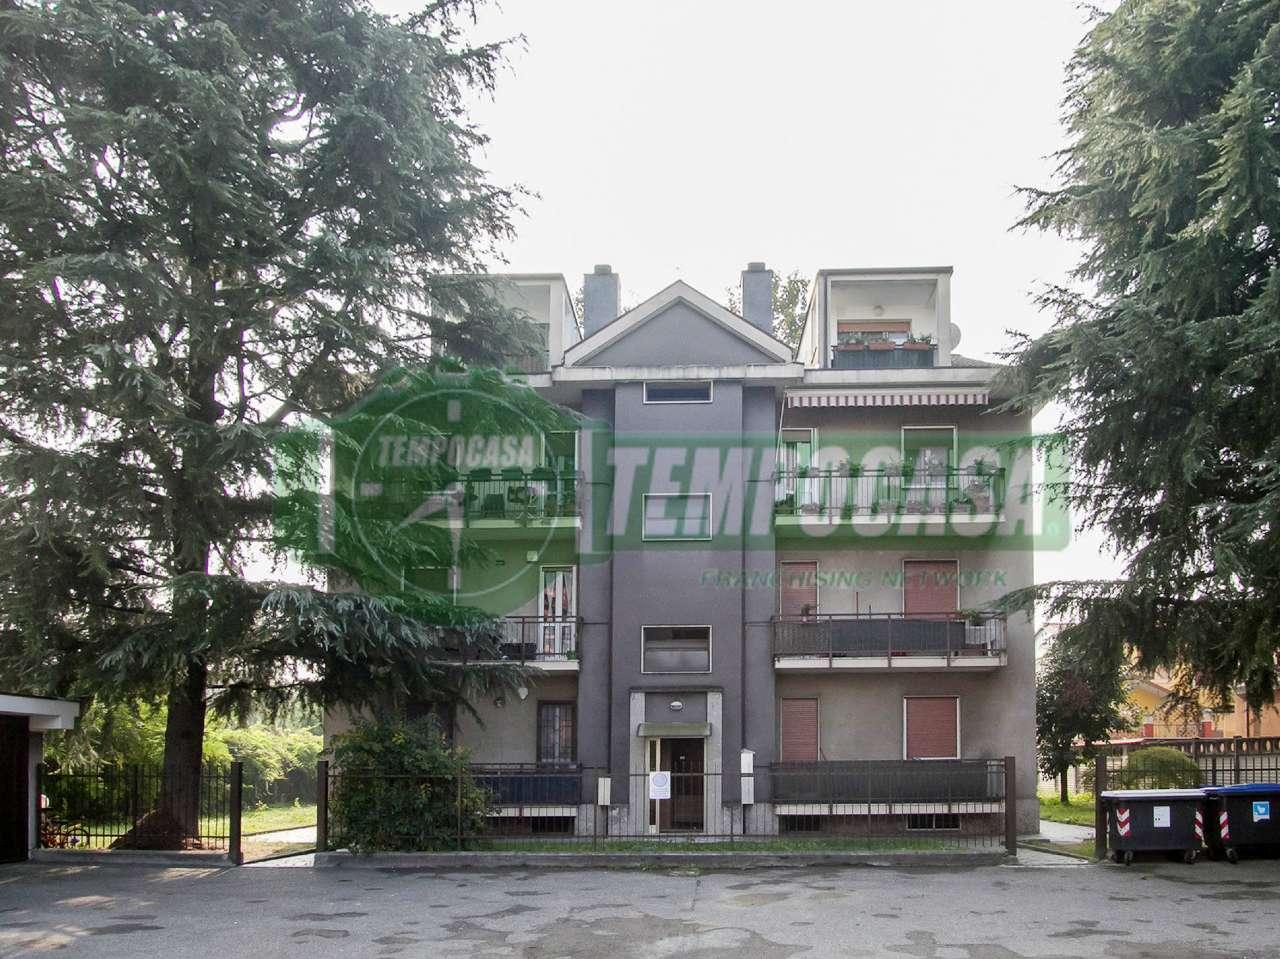 Appartamento in vendita a Settimo Milanese, 3 locali, prezzo € 138.000 | CambioCasa.it